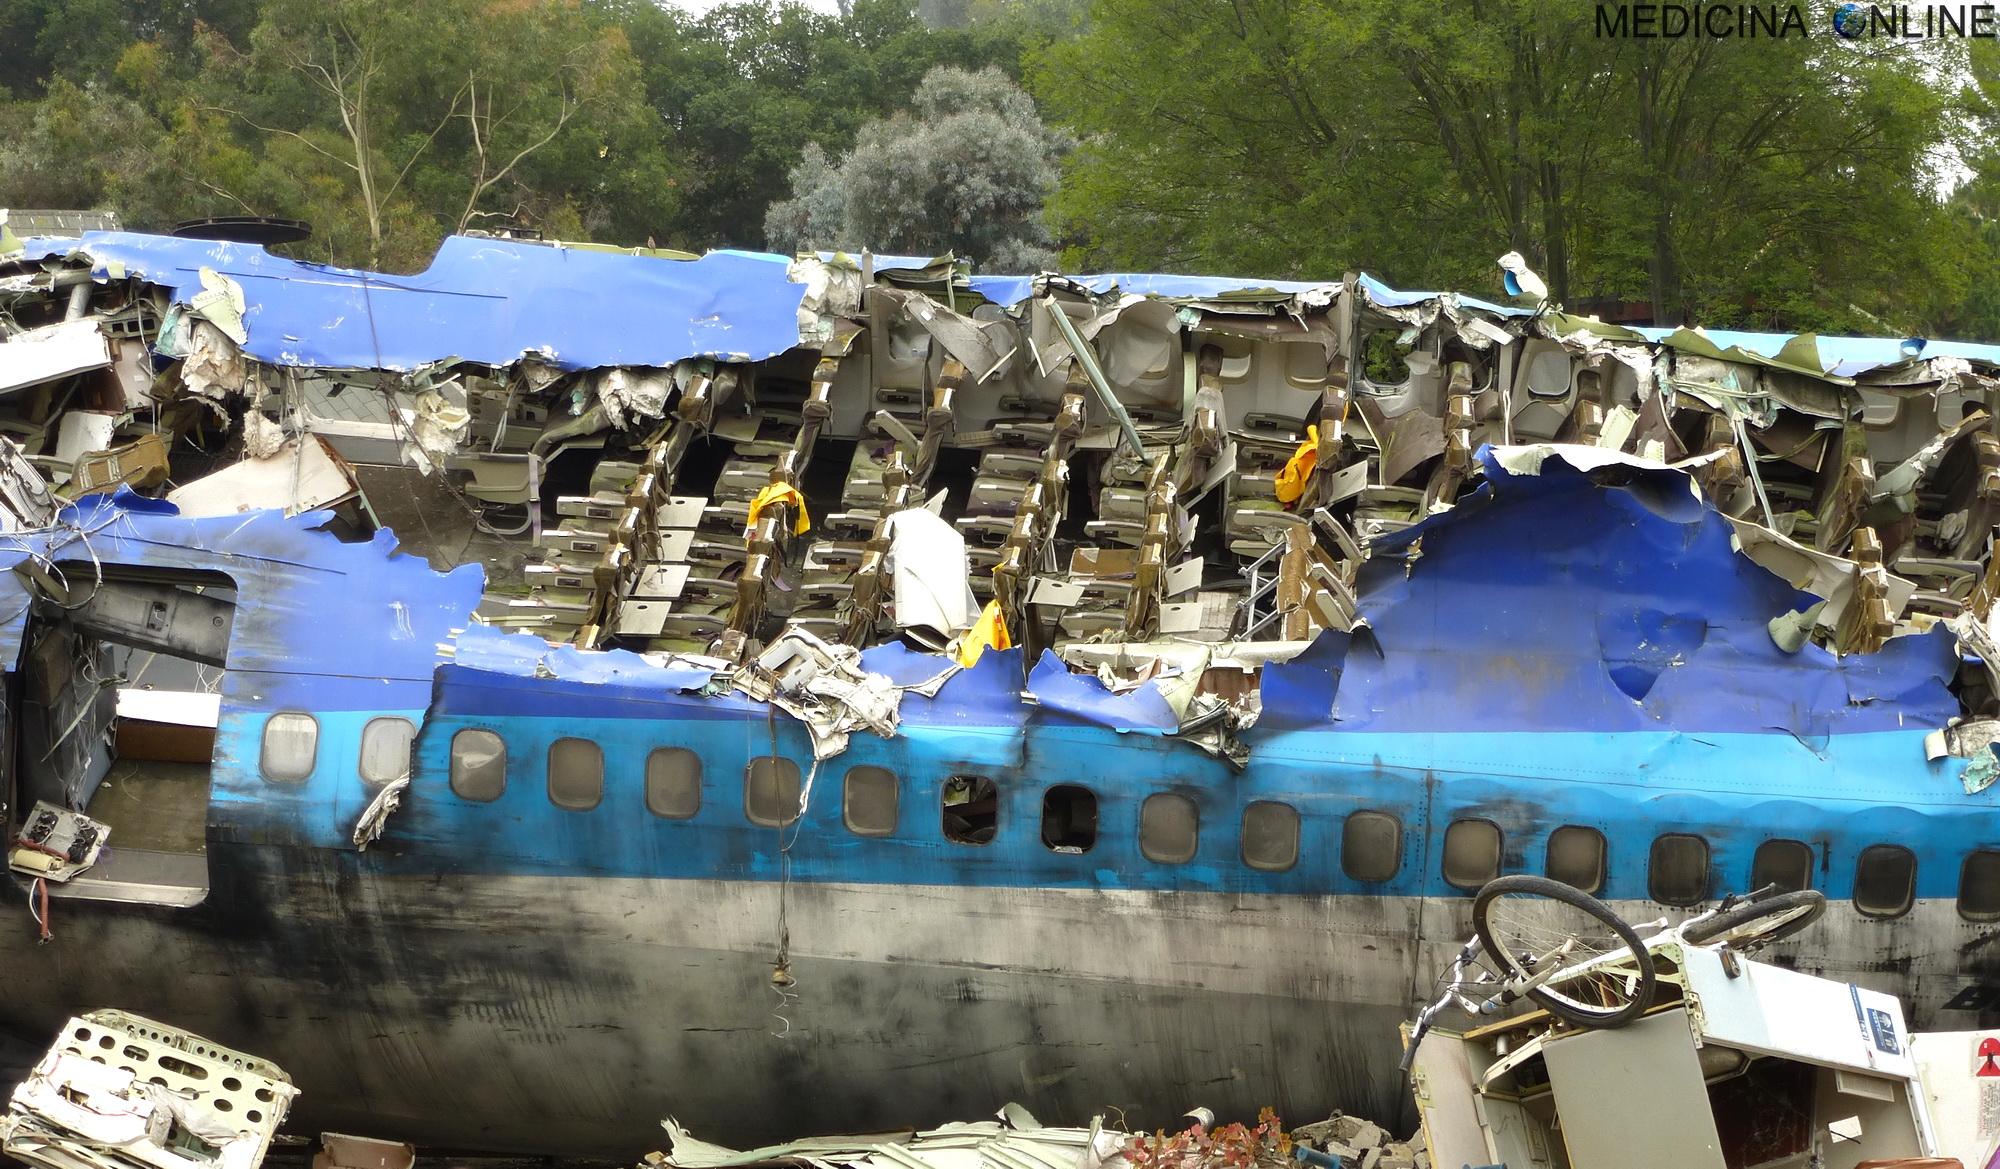 Cosa succede quando un aereo precipita  Cosa provano passeggeri e piloti   50b9a4c5b690